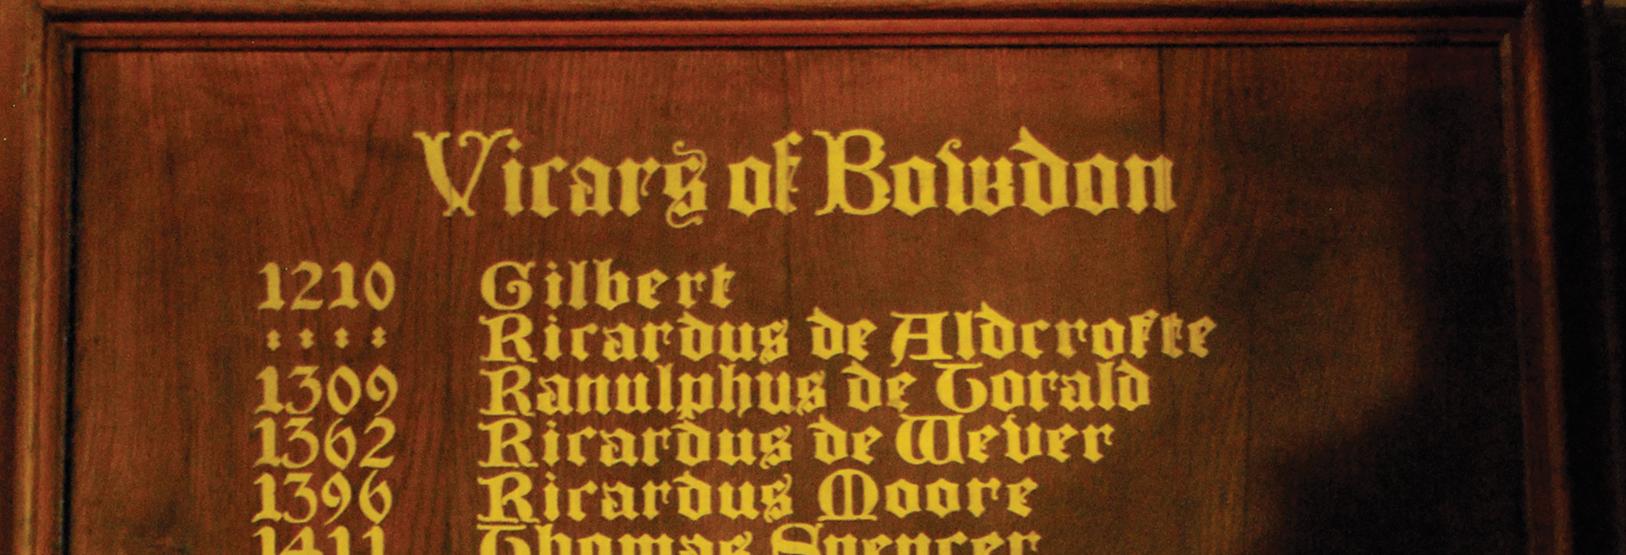 Vicars-of-Bowdon